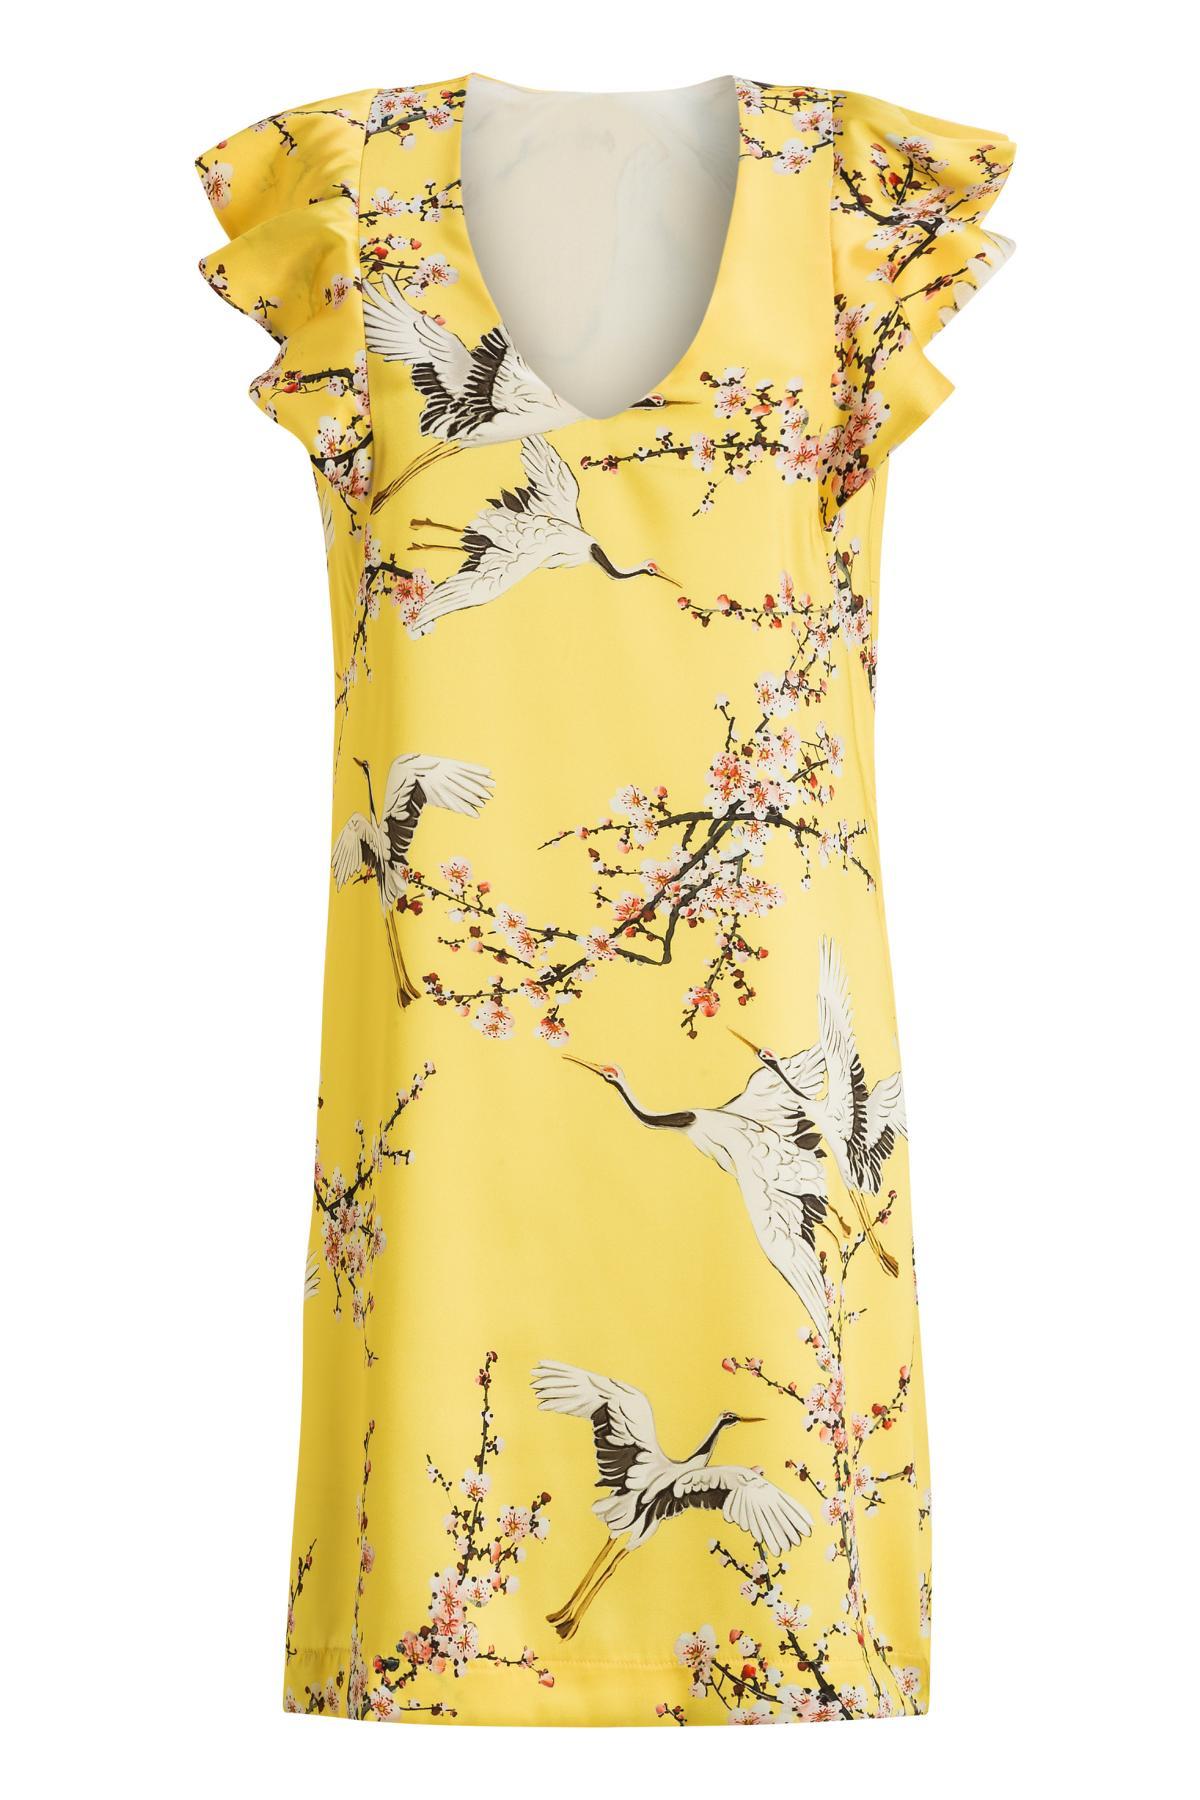 Ana Alcazar A-Shaped Dress Mirany